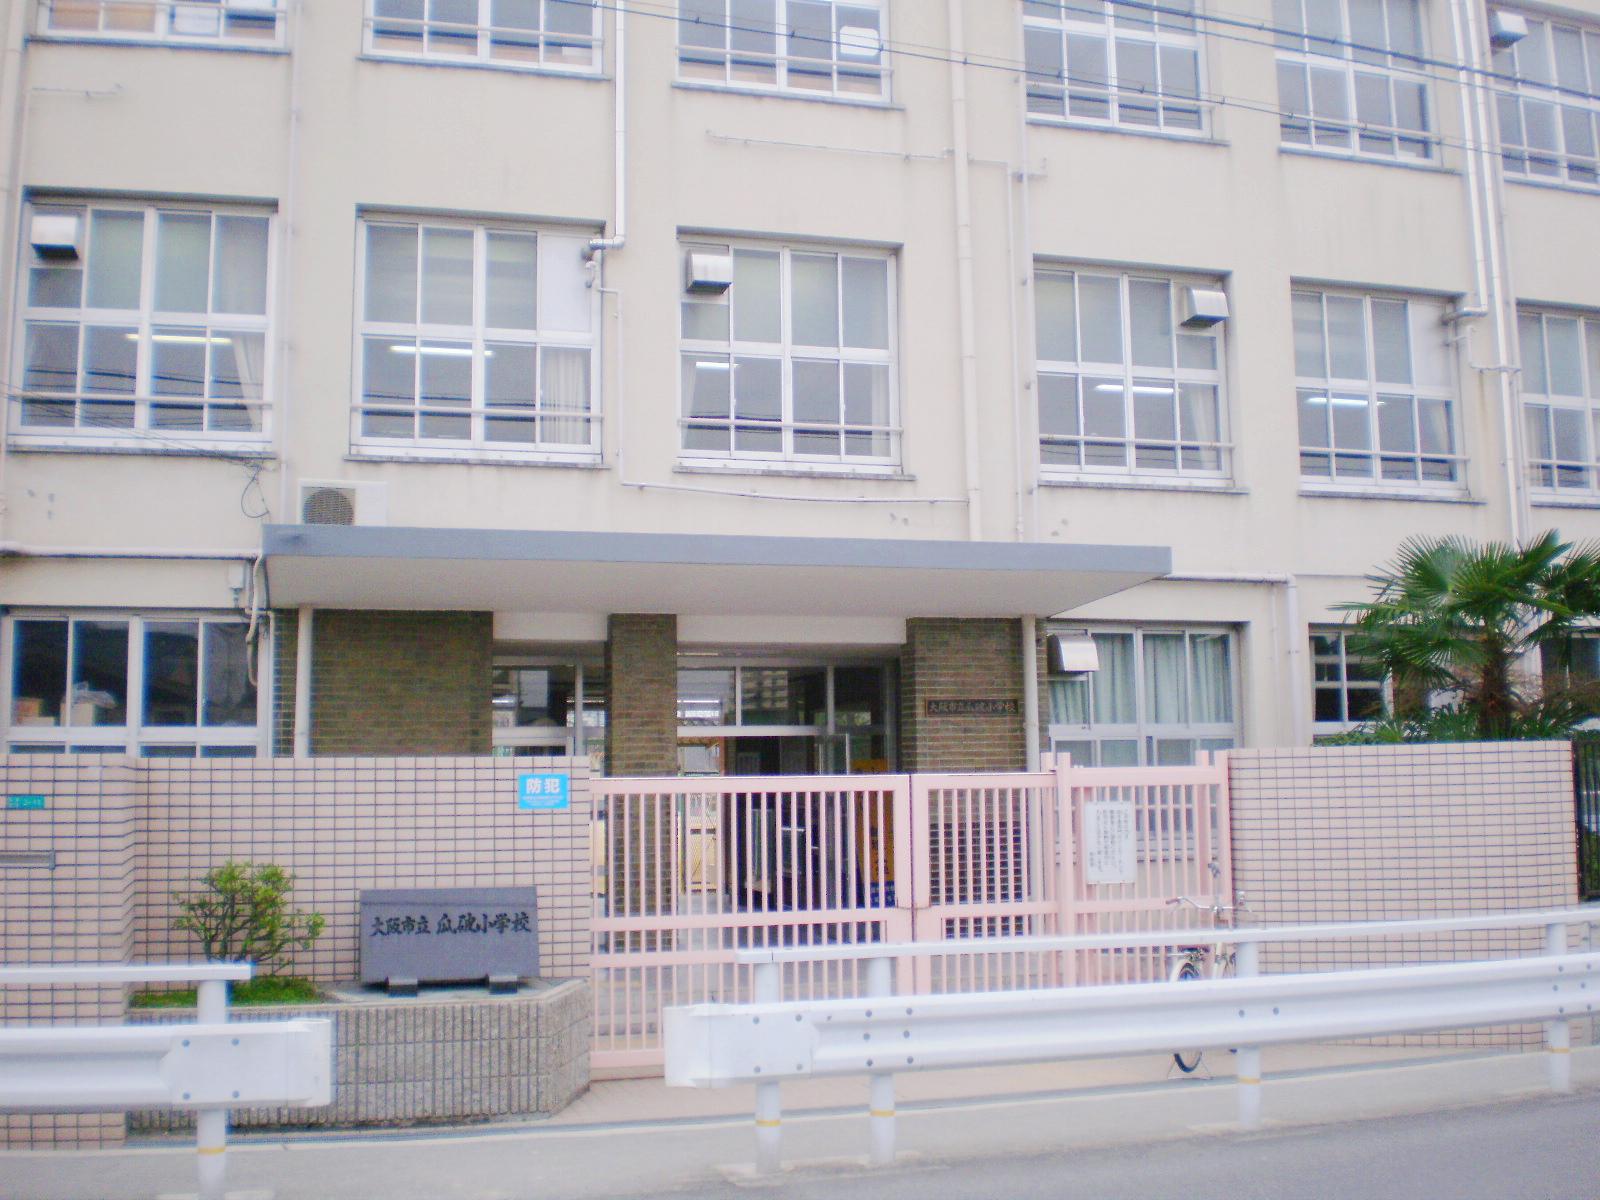 小学校 大阪市立瓜破小学校(小学校)まで683m